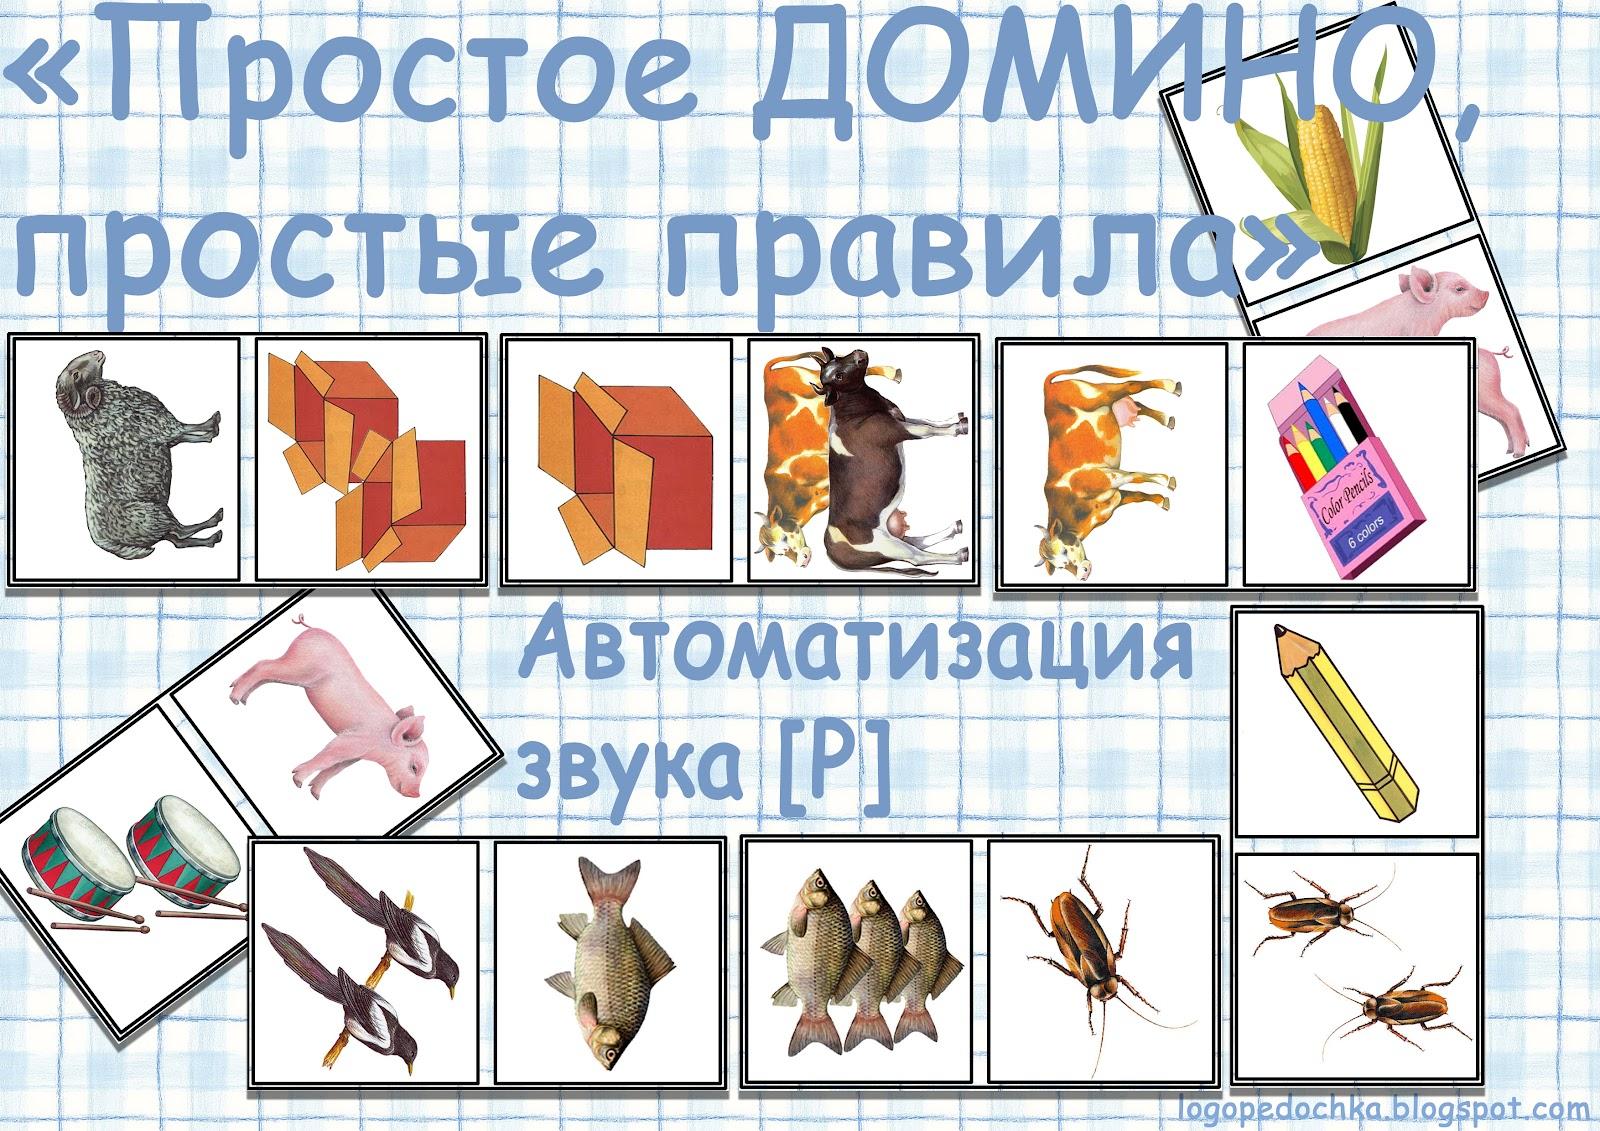 Эшаки играют домино 11 фотография